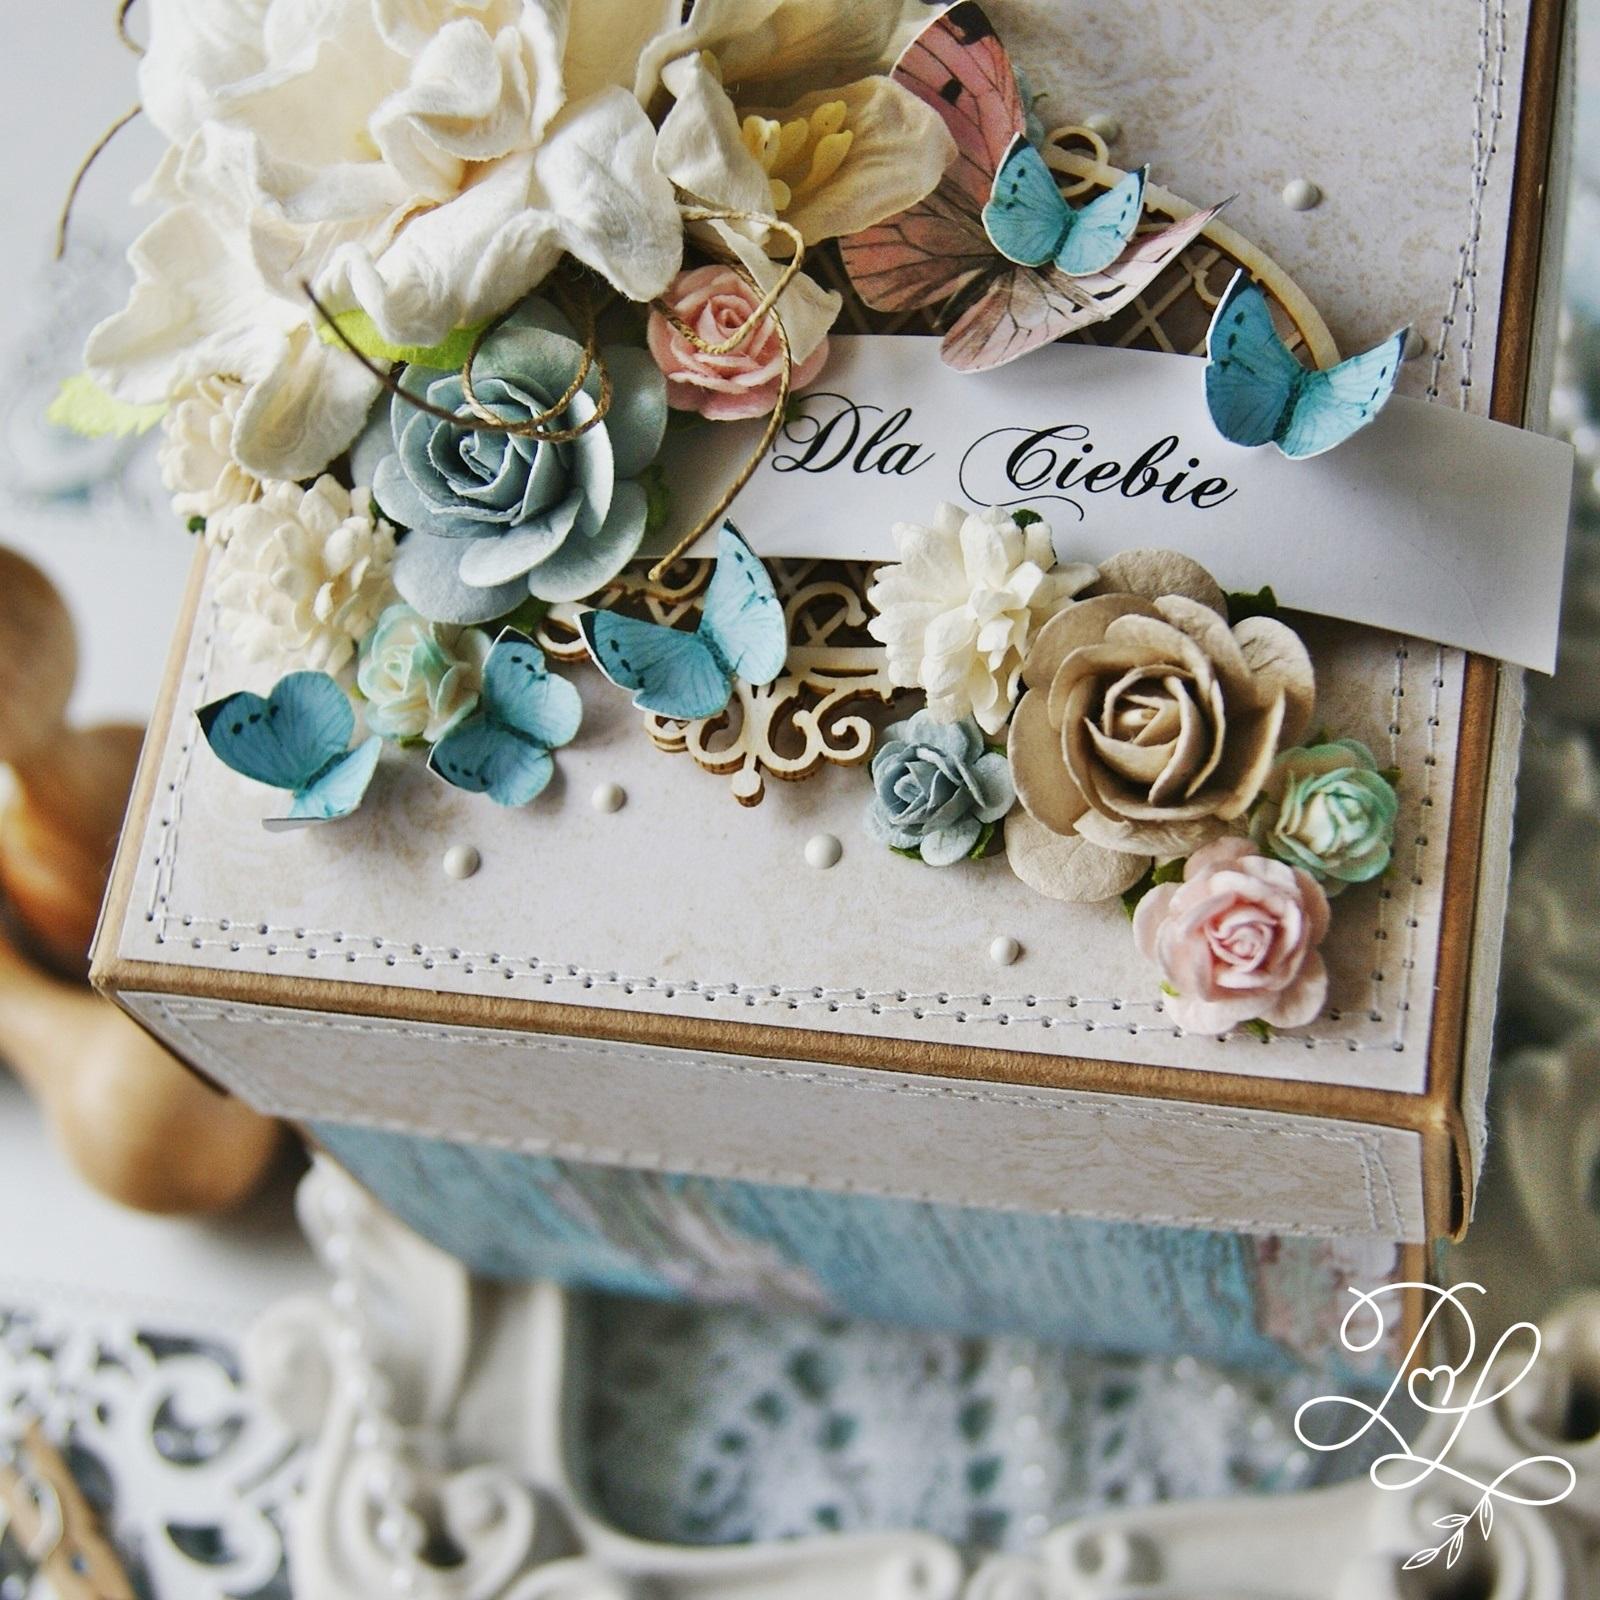 Wyjątkowy, oryginalny exploding box z warstwowymi kompozycjami i dużą ilością kwiatów oraz motyli - Papierowe Love - sklep papierniczy i pracownia rękodzieła Katarzyna Rajczakowska.